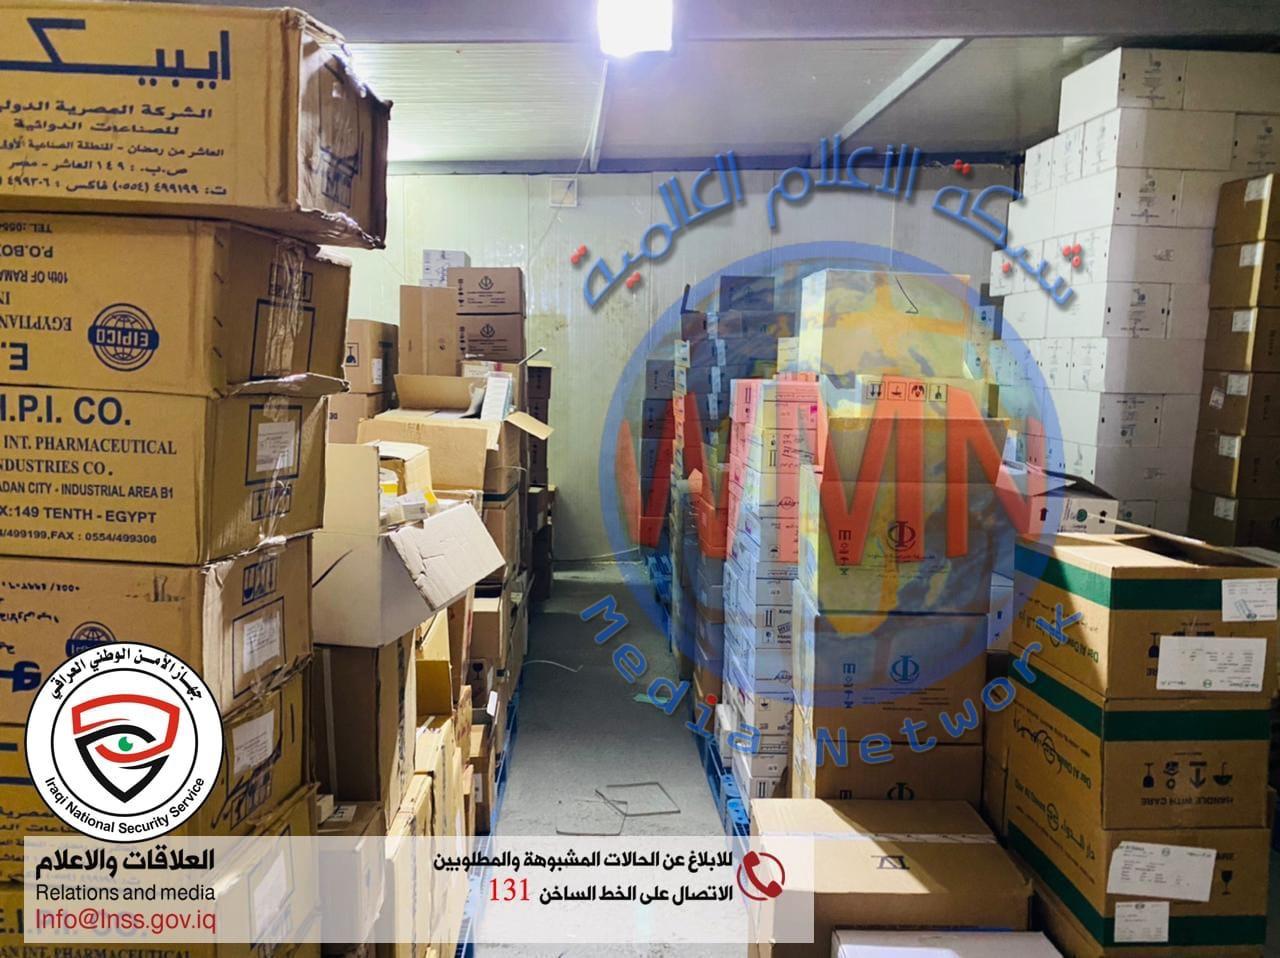 الامن الوطني يضبط اكثر من نصف مليون علبة دوائية مهربة ومنتهية الصلاحية في منطقة الحارثية ببغداد